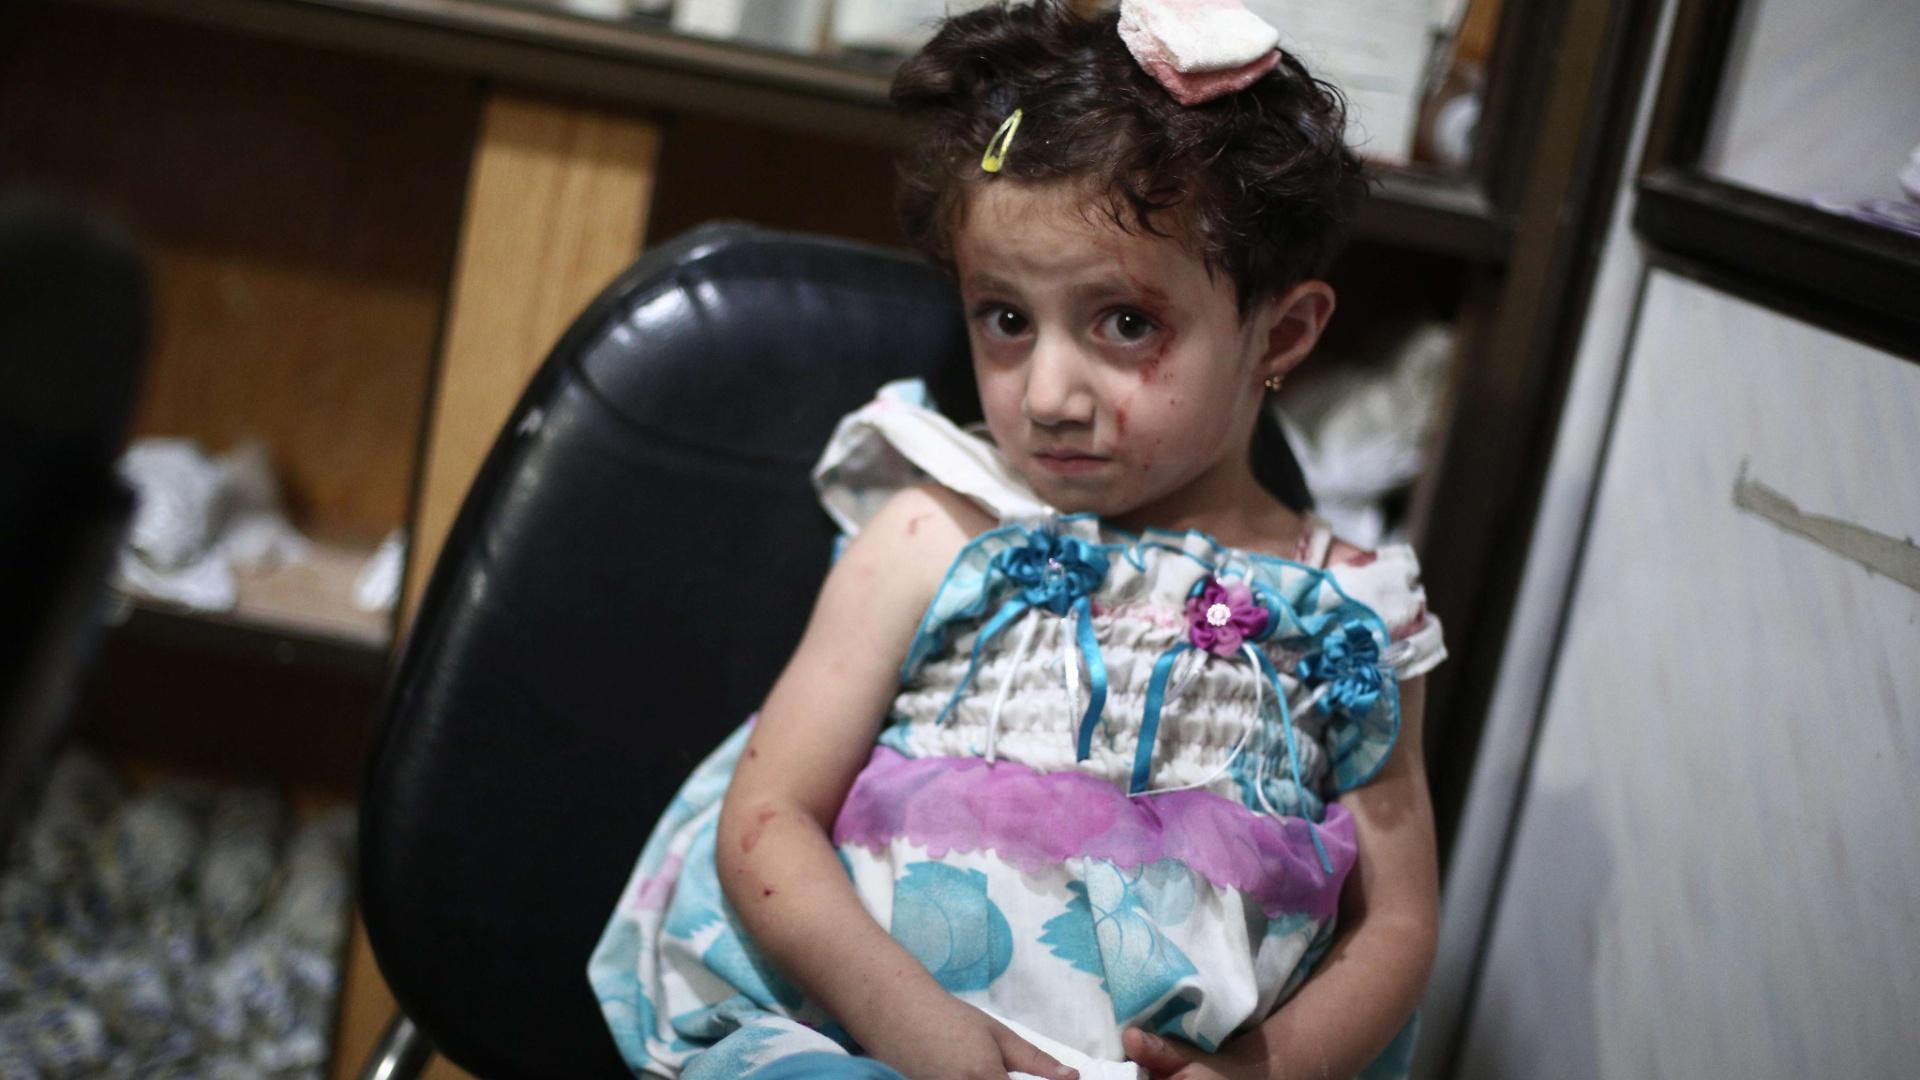 9.set.2014 - Única sobrevivente de sua família, menina síria ferida aguarda tratamento em um hospital improvisado em Douma, cidade controlada pelos rebeldes que fica perto de Damasco. A cidade está sob cerco do exército sírio há mais de um ano. Ataques aéreos do governo sírio mataram mais de 60 pessoas e feriram outras dezenas nos últimos dois dias